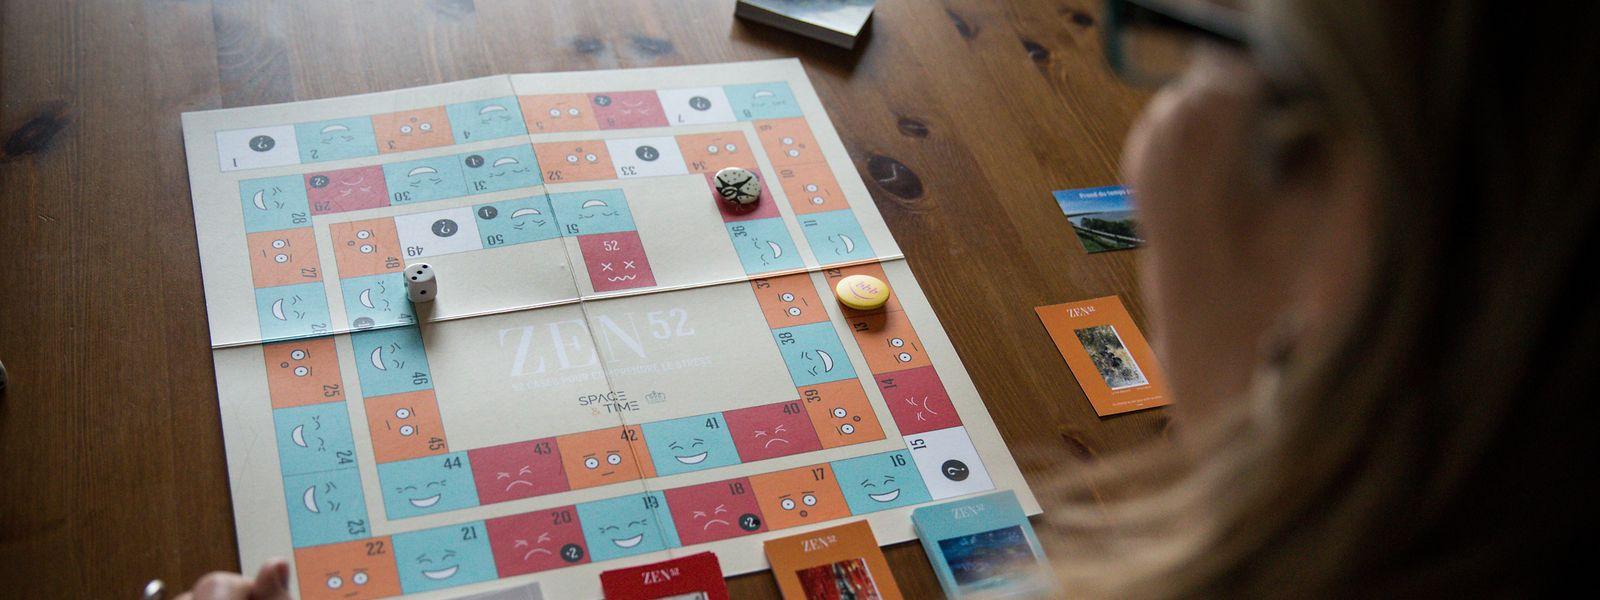 Isabelle Wachenheim a créé un jeu pour que les salariés puissent s'exprimer sur les tensions liées à leur travail, à leur hiérarchie